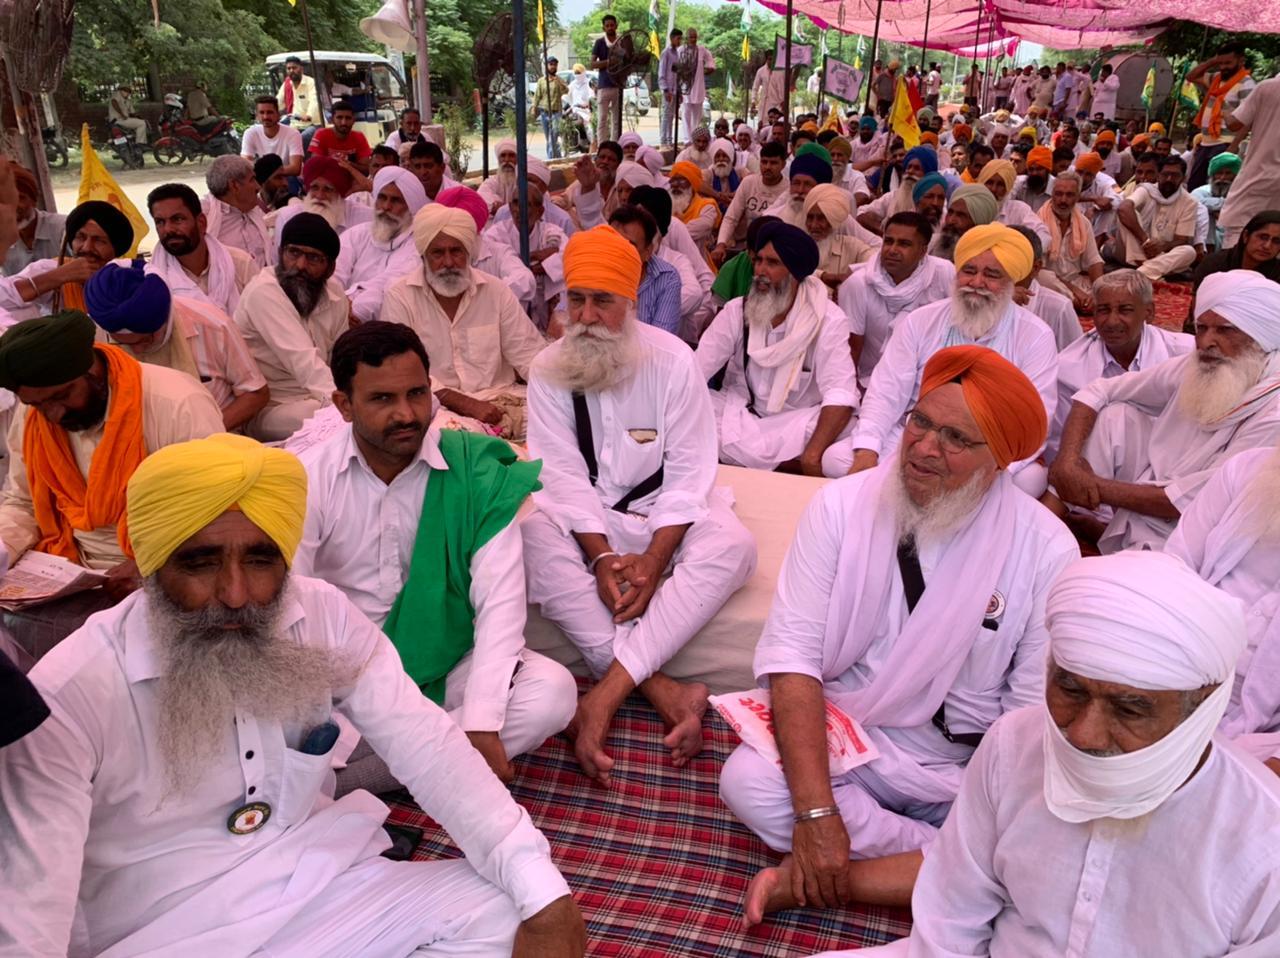 पंजुआना, भावदीन, खुईया मलकान बैरियर 11 बजे तक बंद रहेंगे; प्रशासन और किसानों के बीच नहीं बनी सहमति, गिरफ्तार किसानों की रिहाई की मांग हरियाणा,Haryana - Dainik Bhaskar